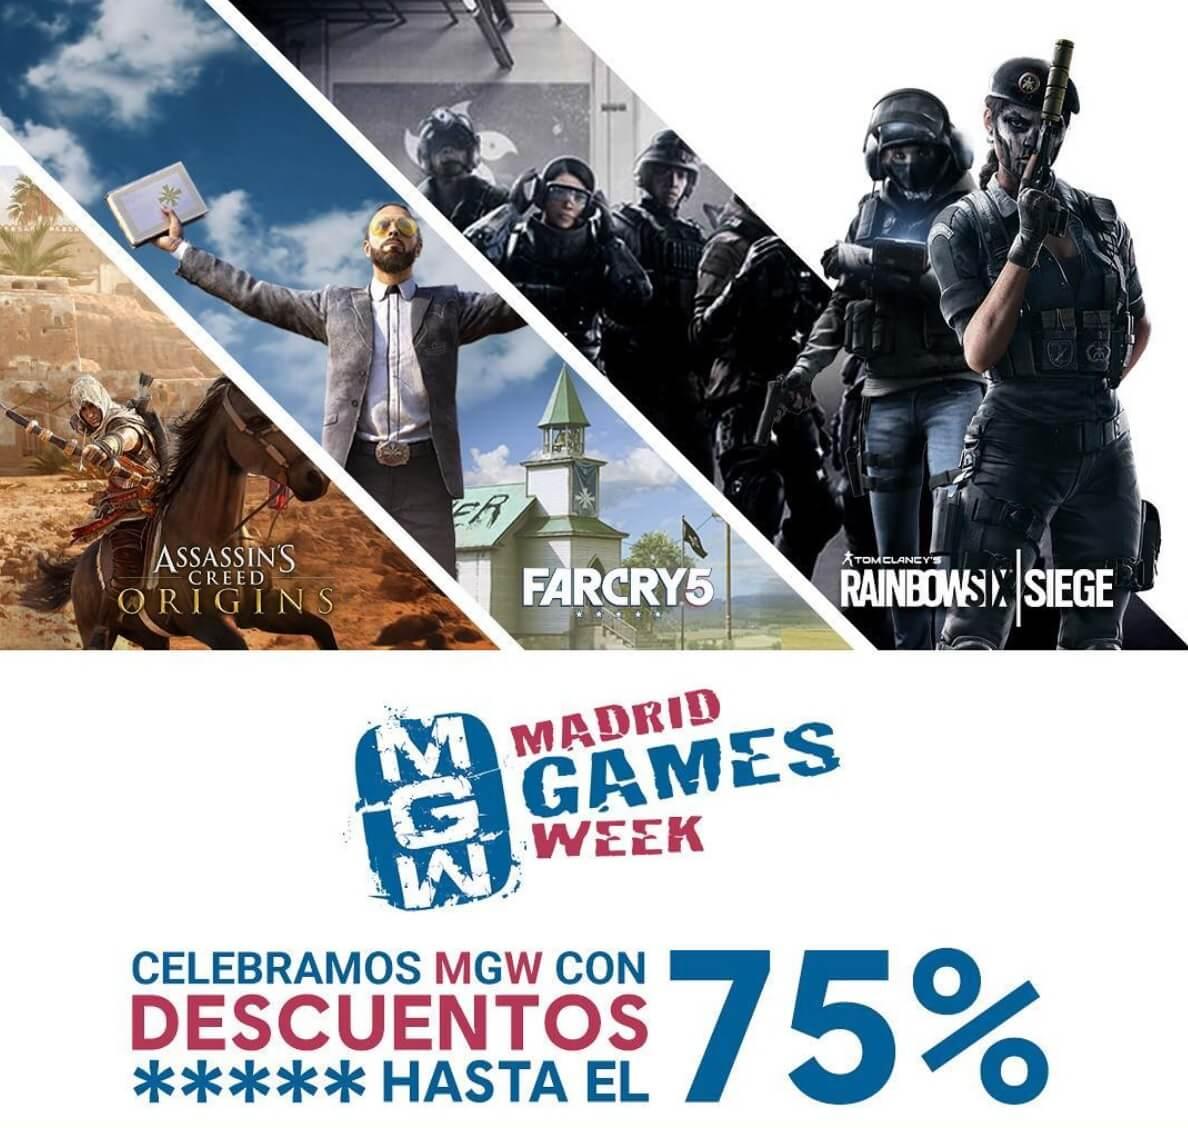 Ubisoft ofrece hasta un 75% de descuento en sus juegos durante el MGW